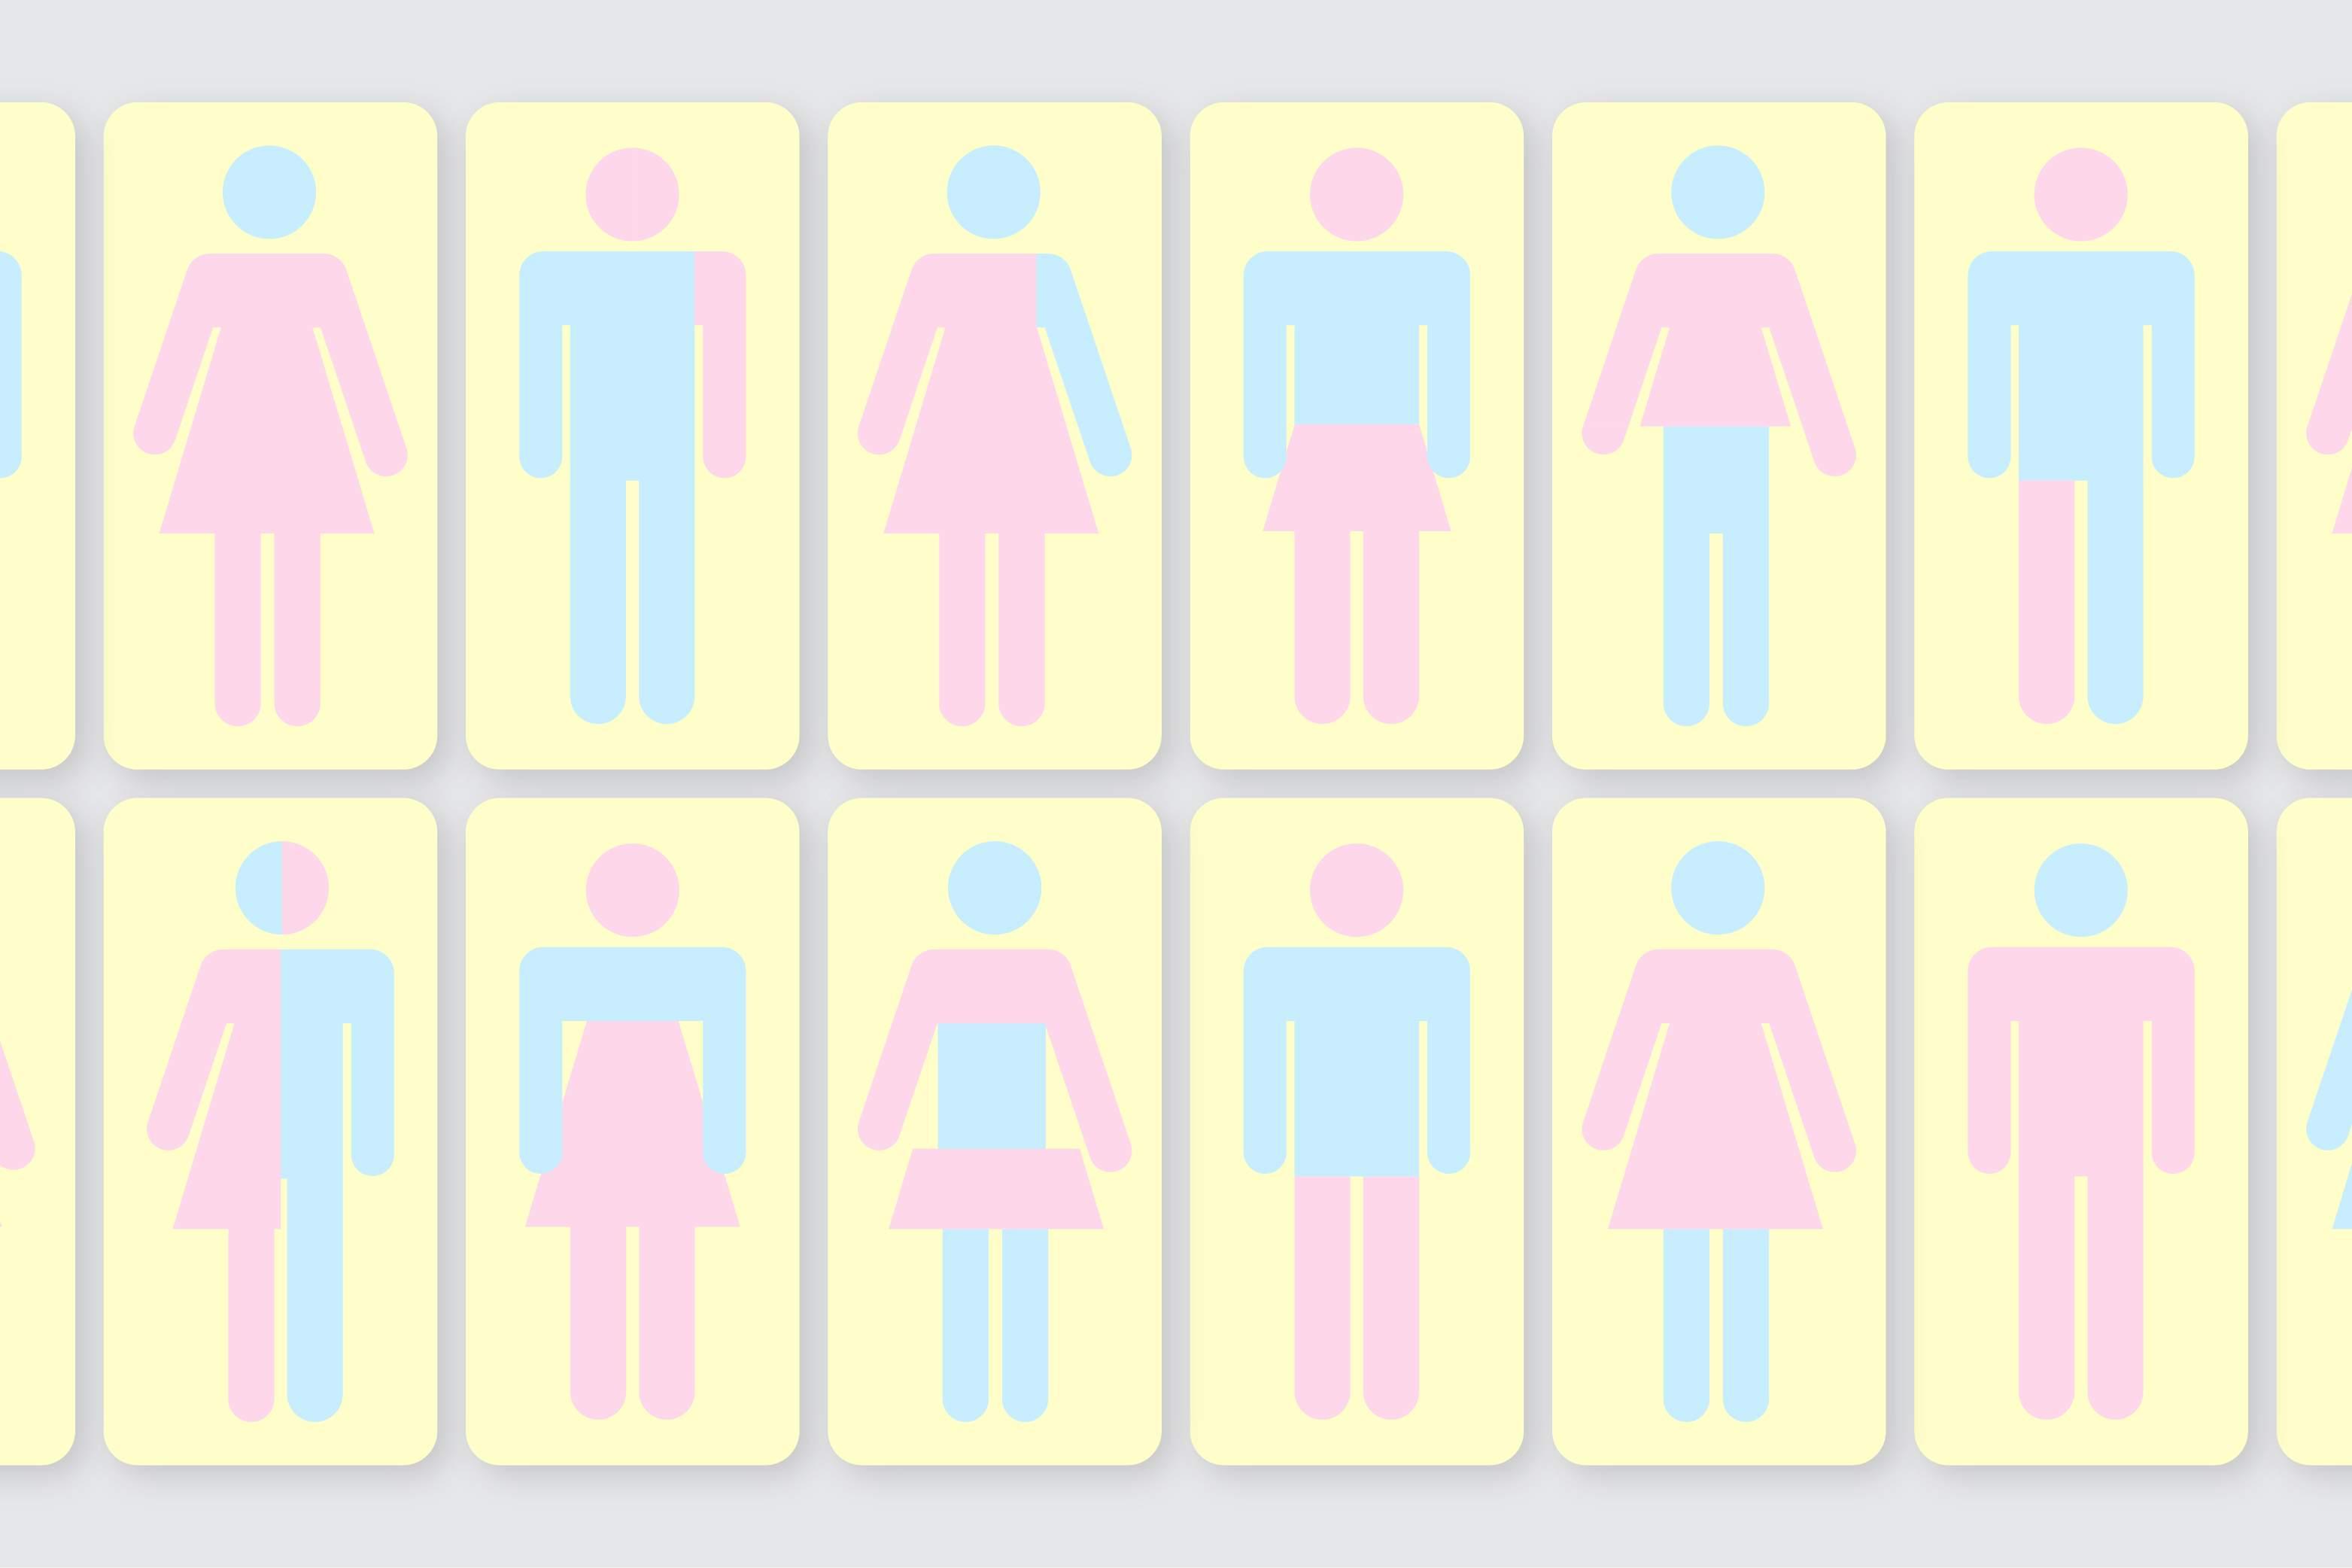 20 định nghĩa thường gặp nhất về giới tính và xu hướng tính dục